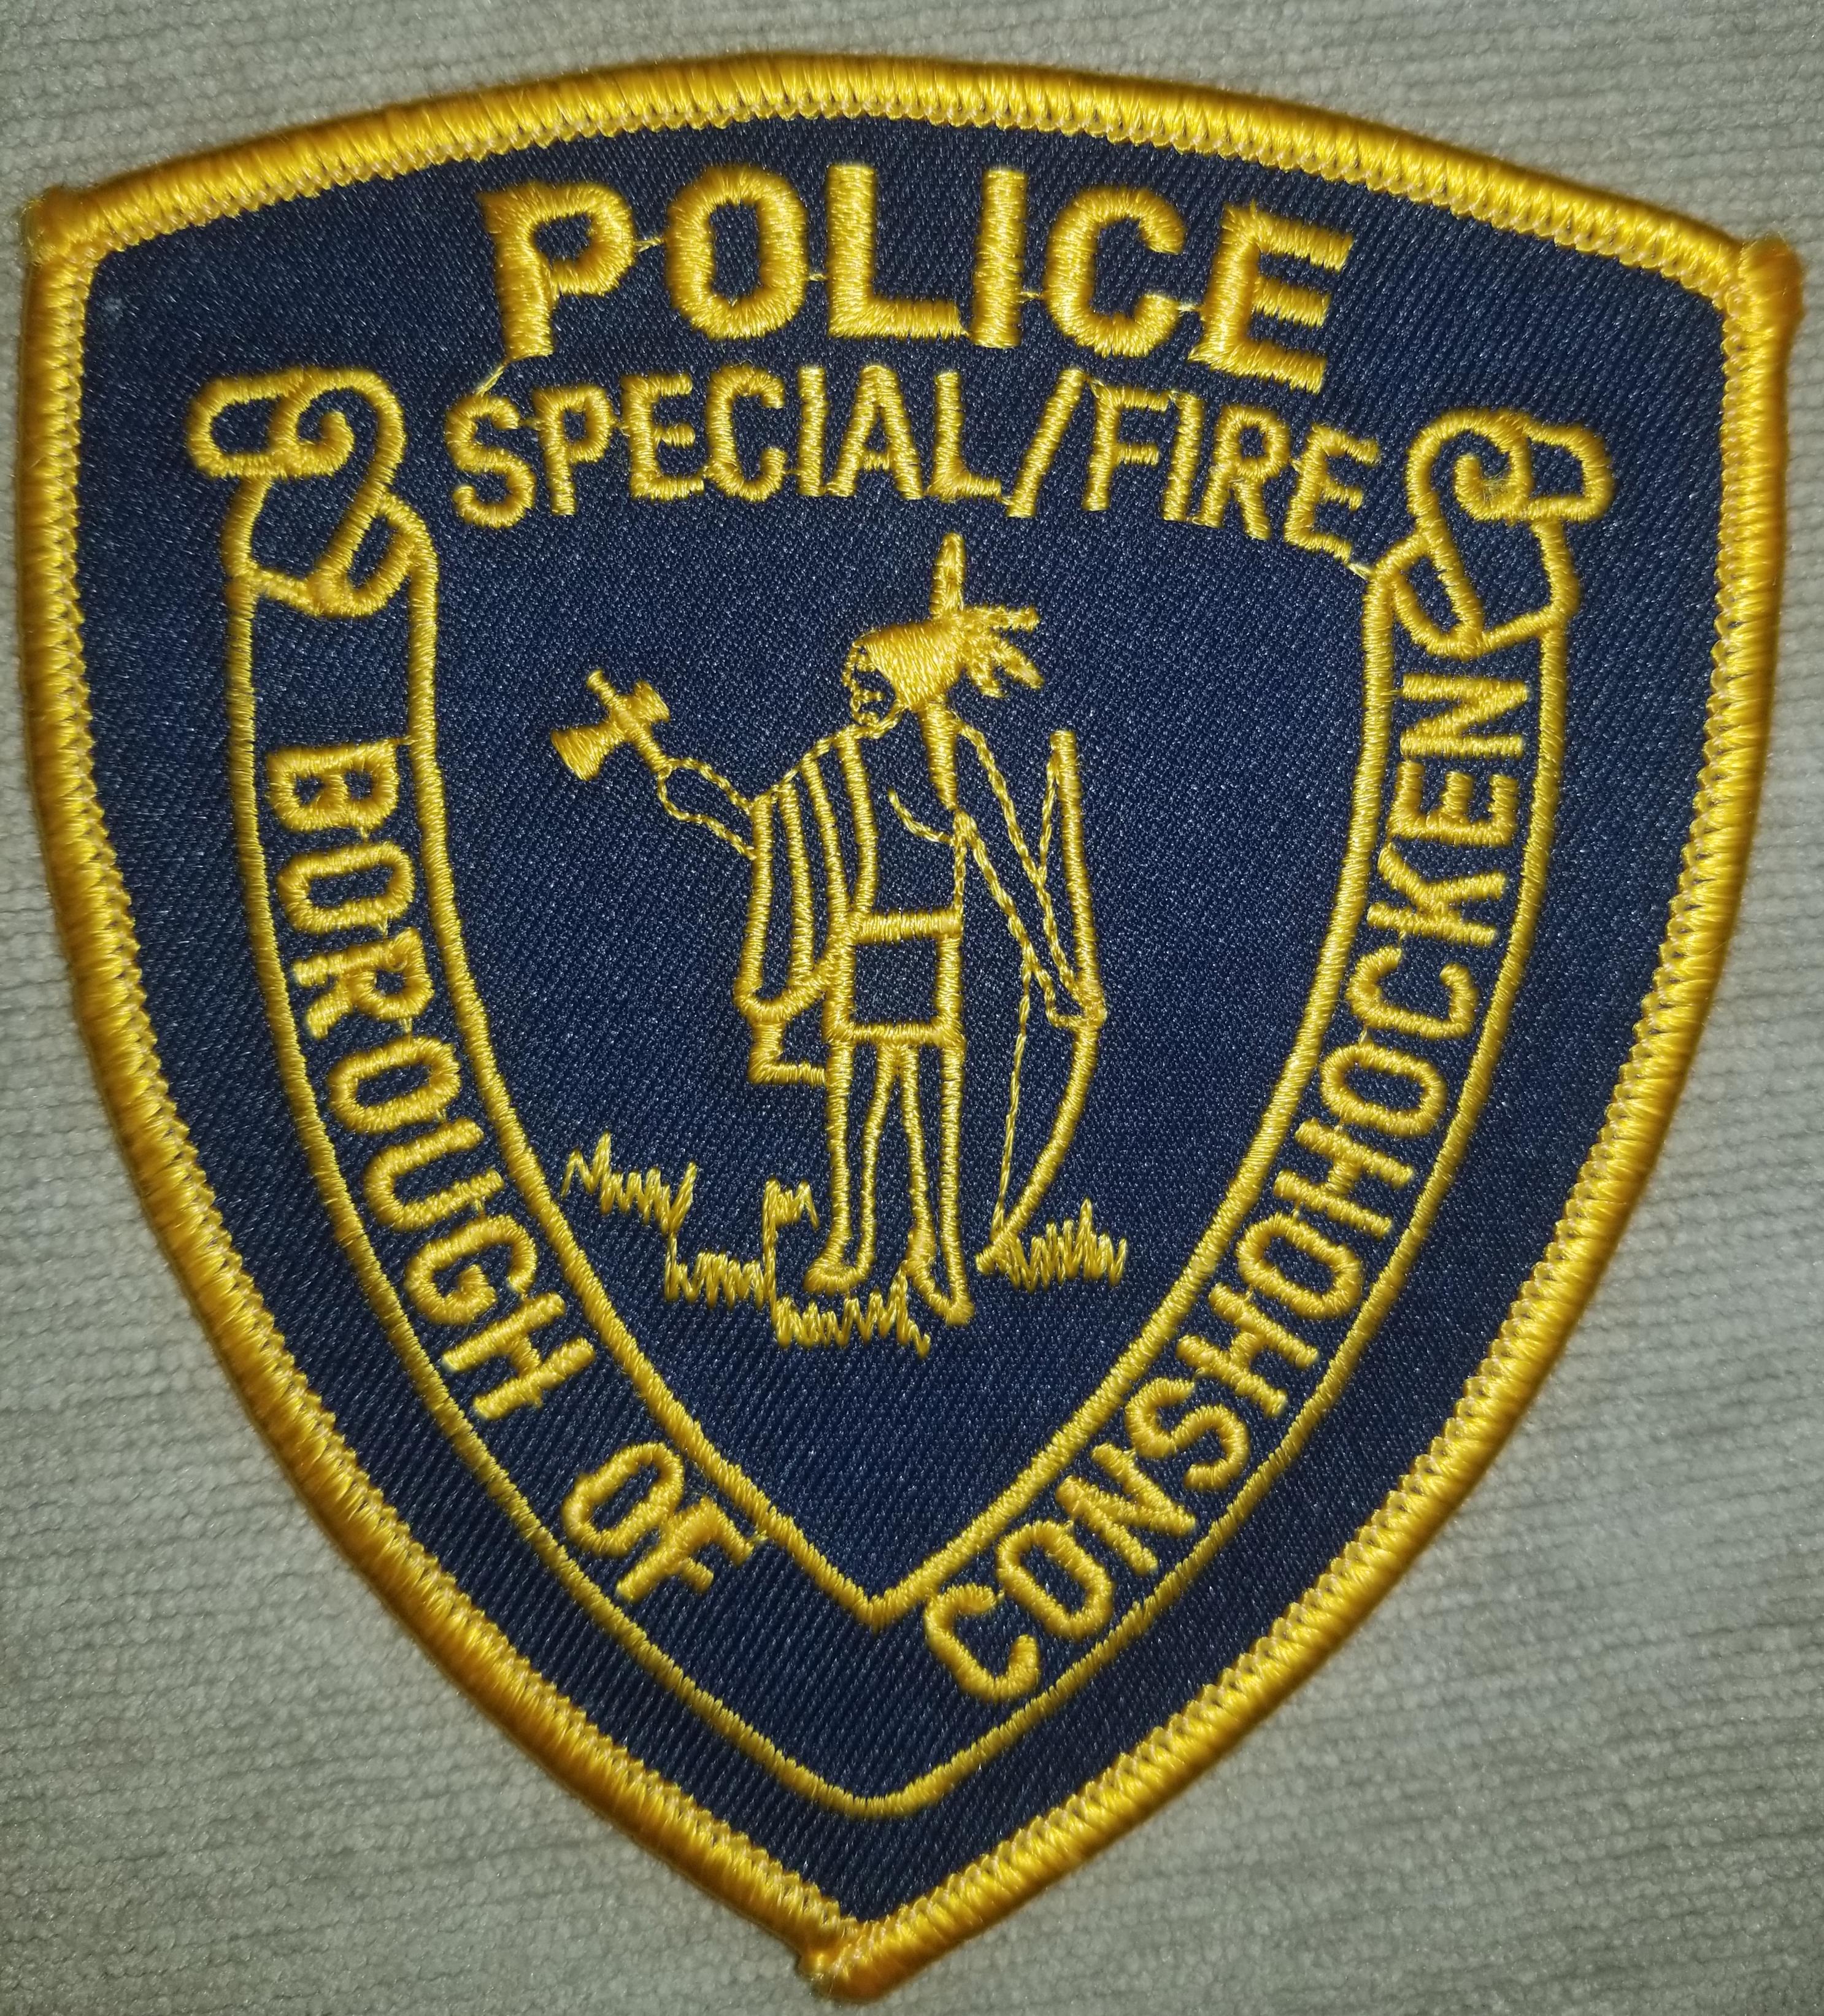 Conshohocken Borough Fire Police